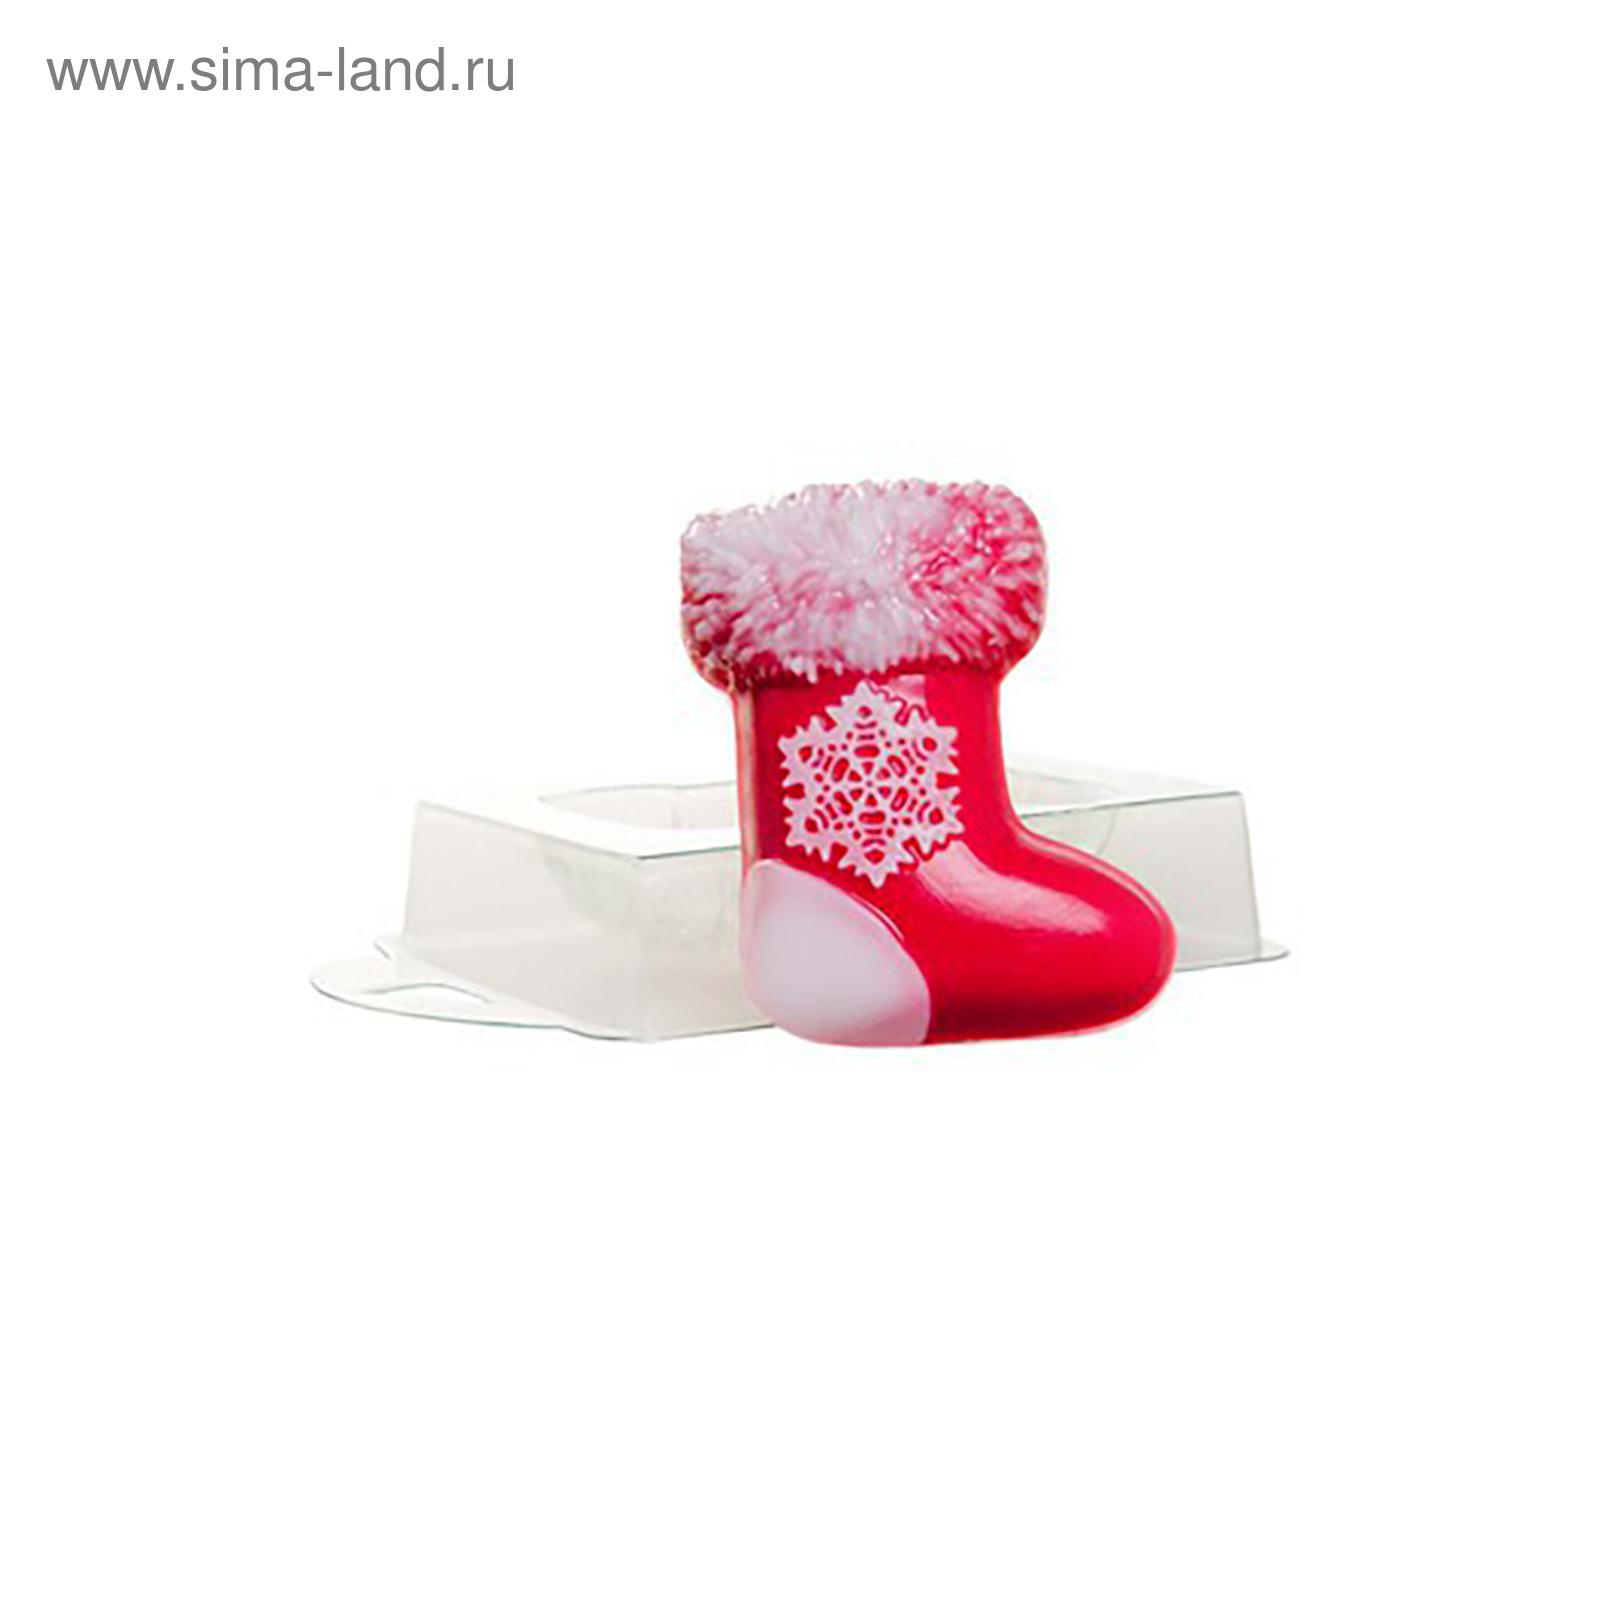 Формочка для мыловарения НГ Валенок Рождественский